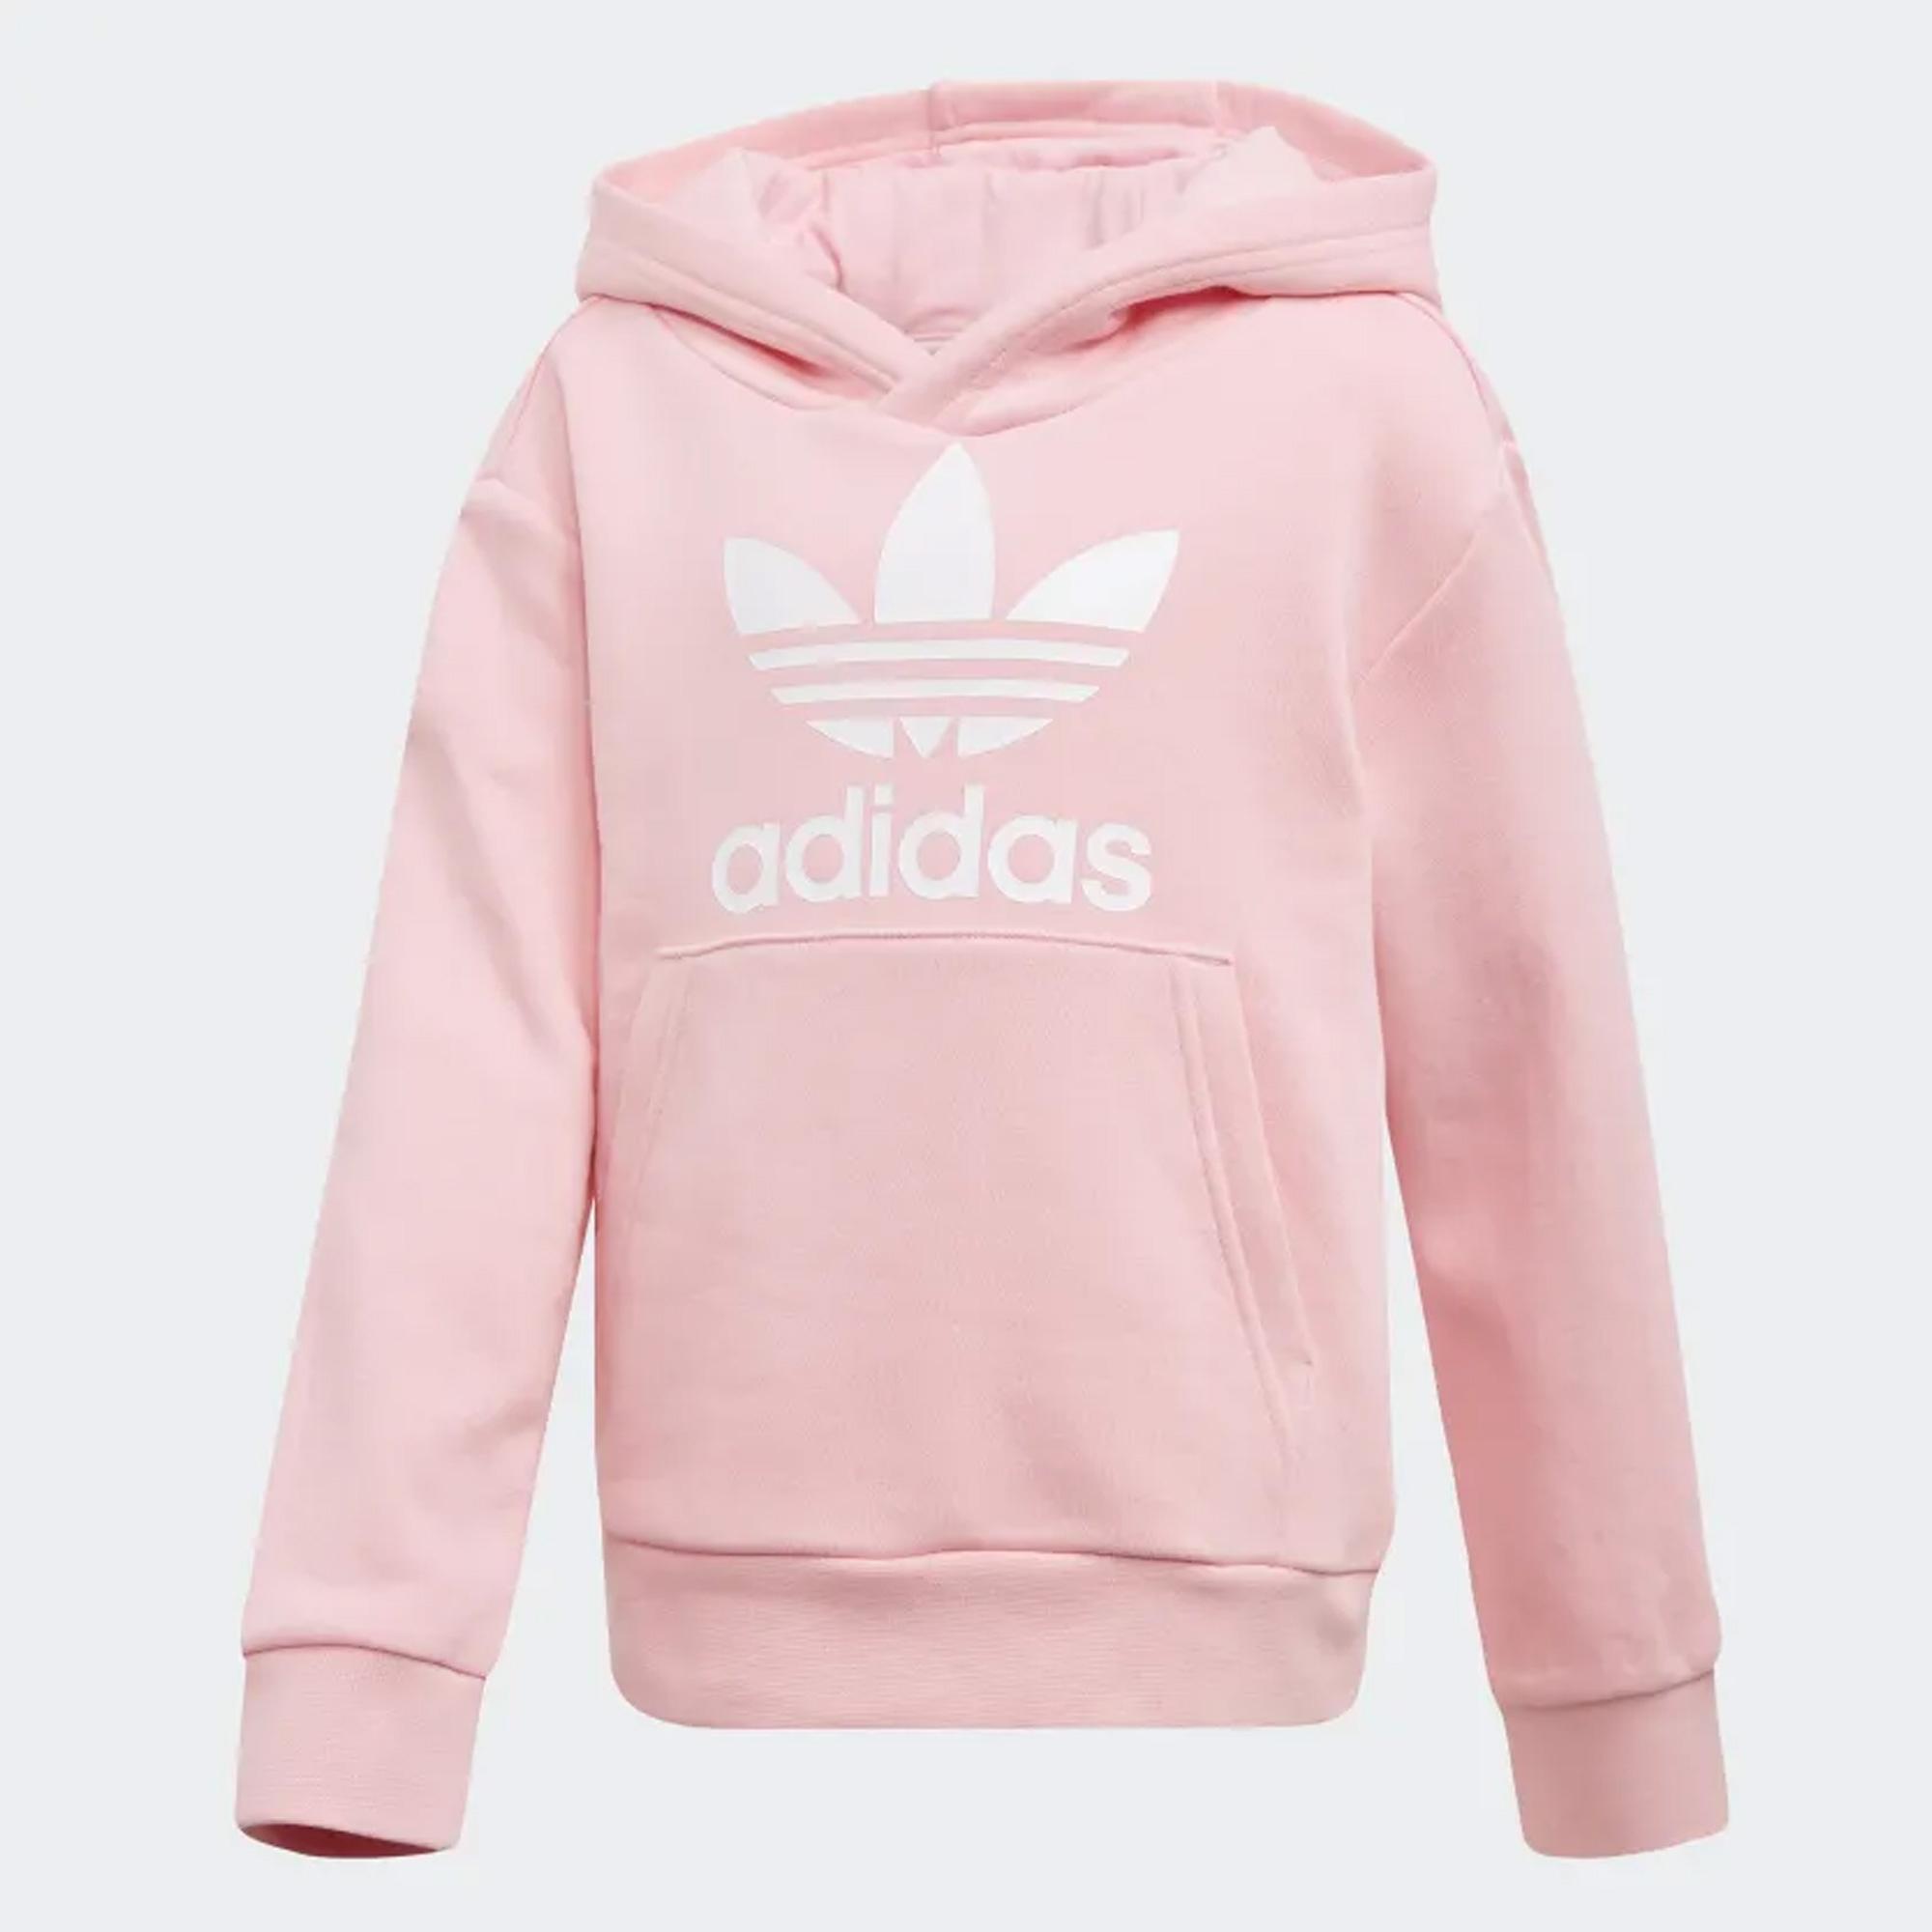 778299e348db2 Trefoil Hoodie Set - Light Pink & White